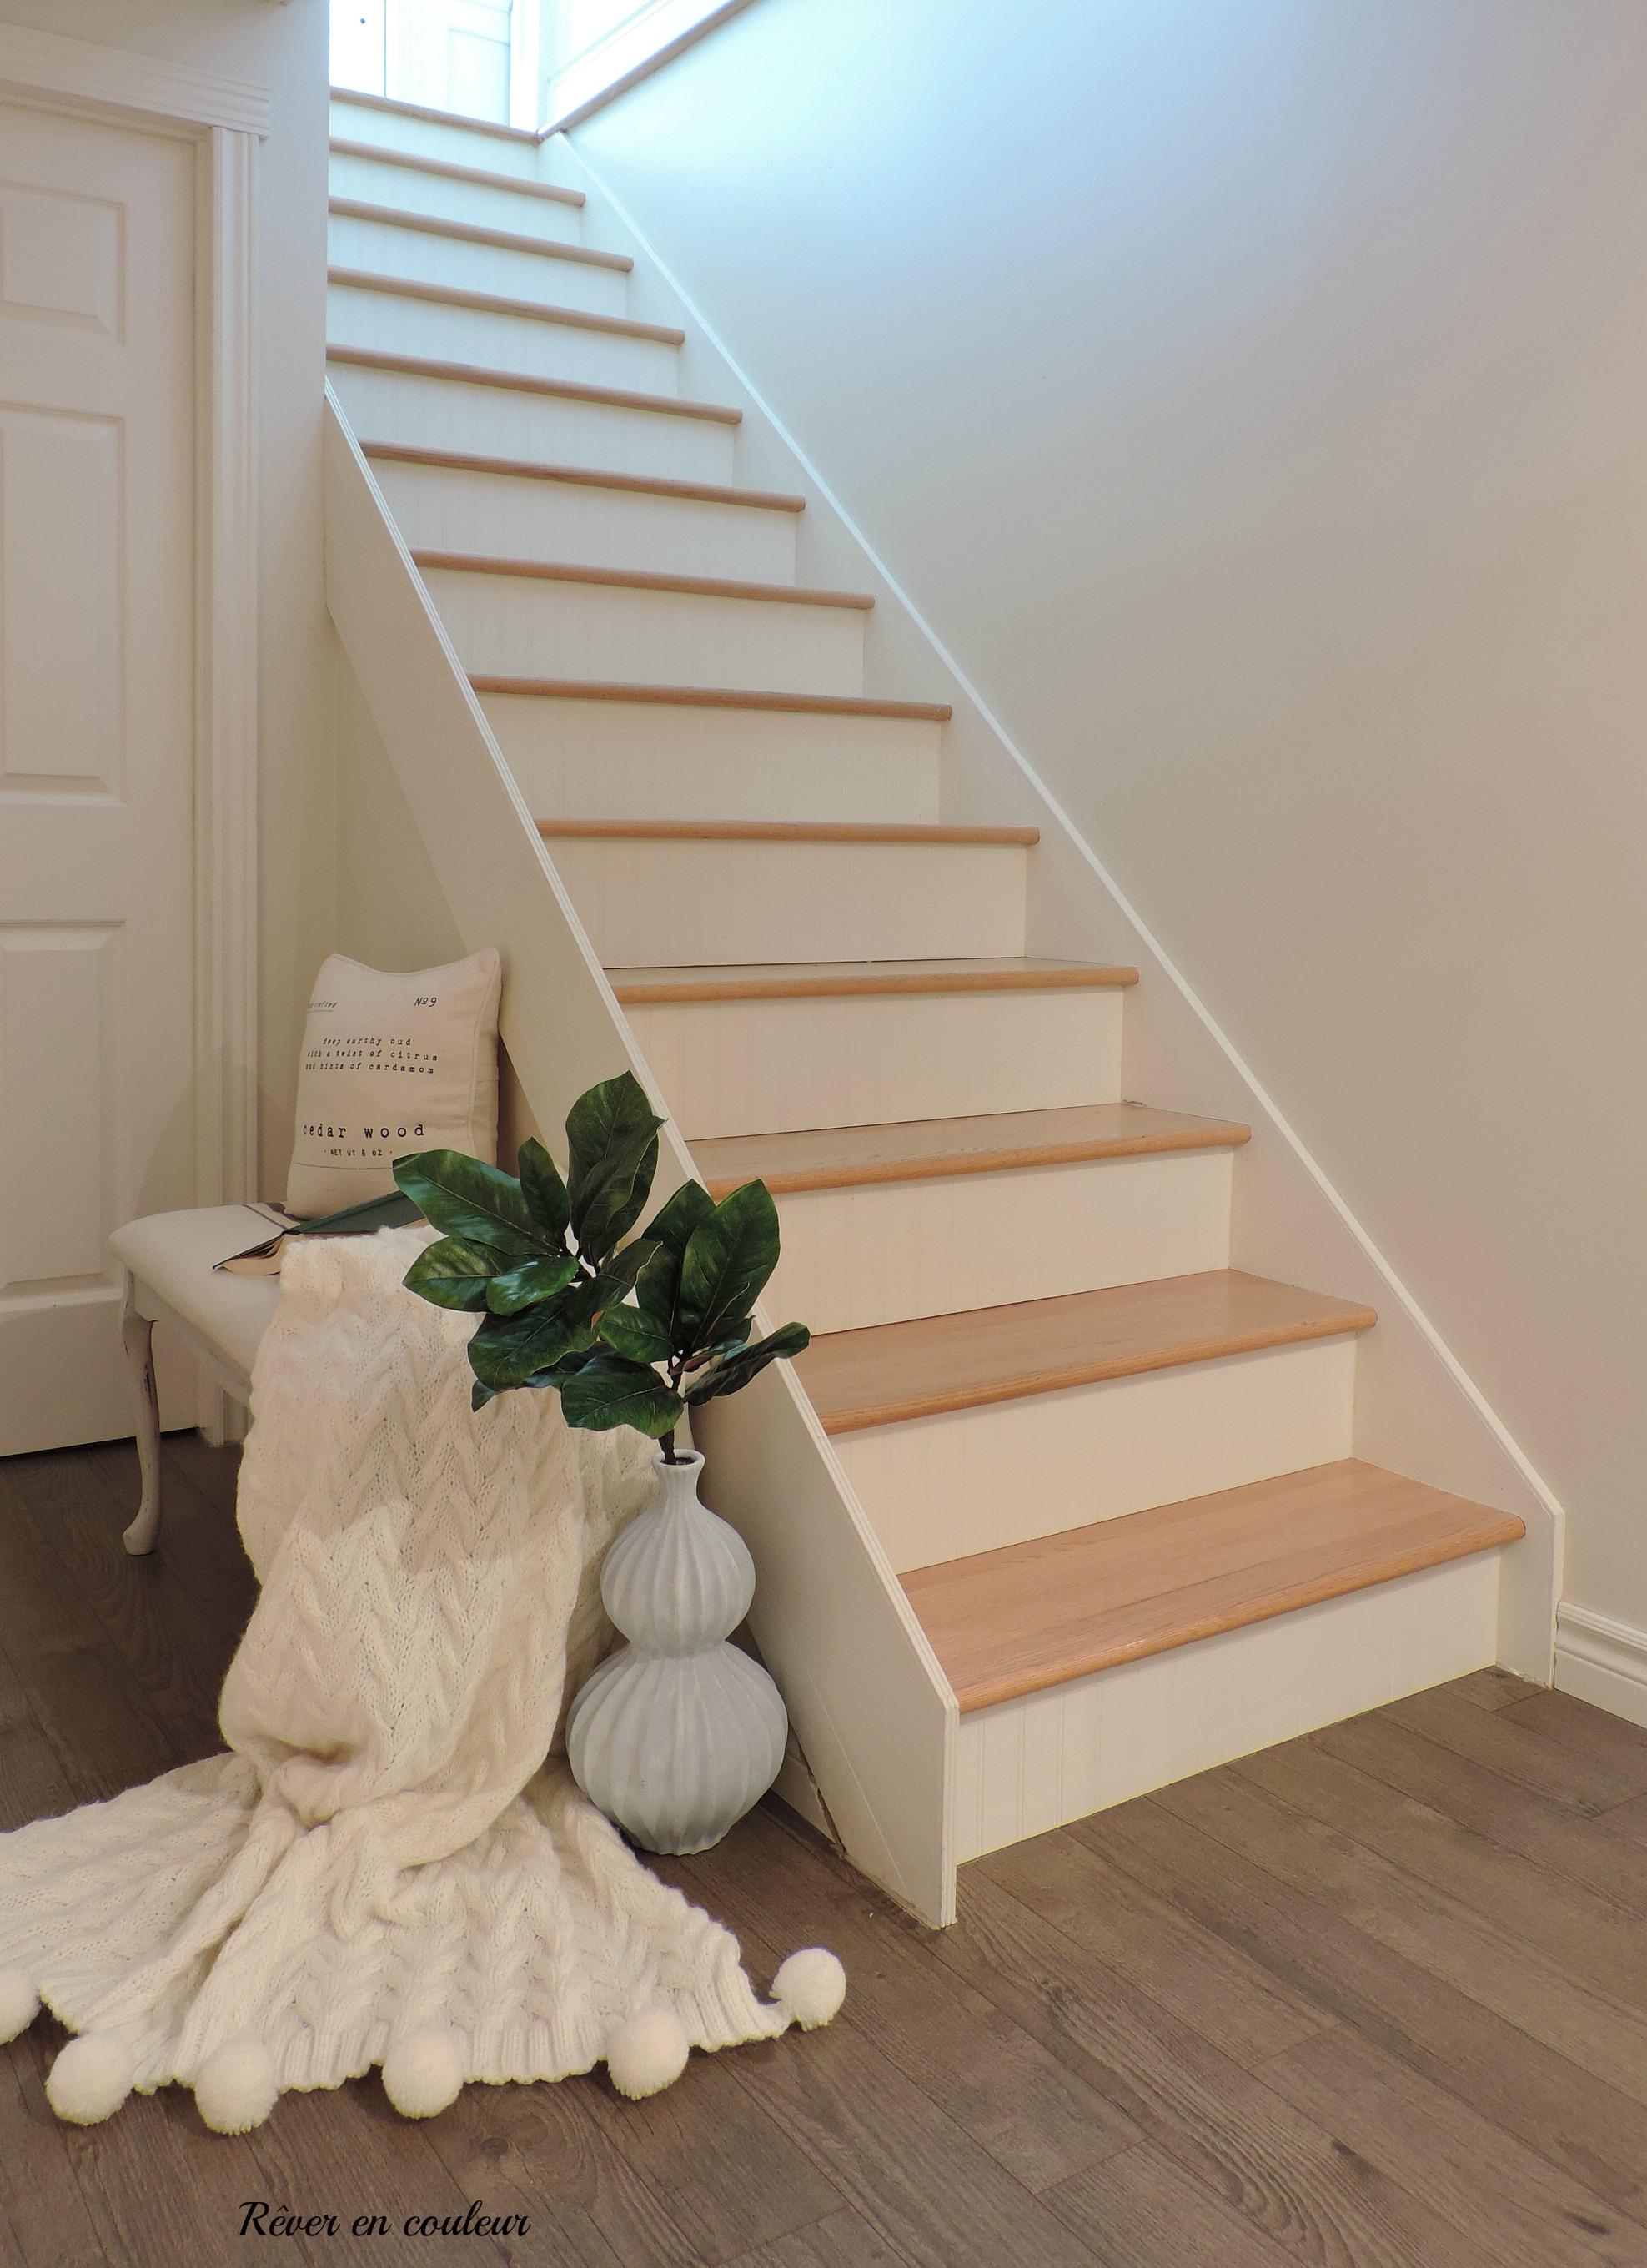 Peindre Une Rampe D Escalier En Bois l'escalier du sous-sol avant et après - rêver en couleur